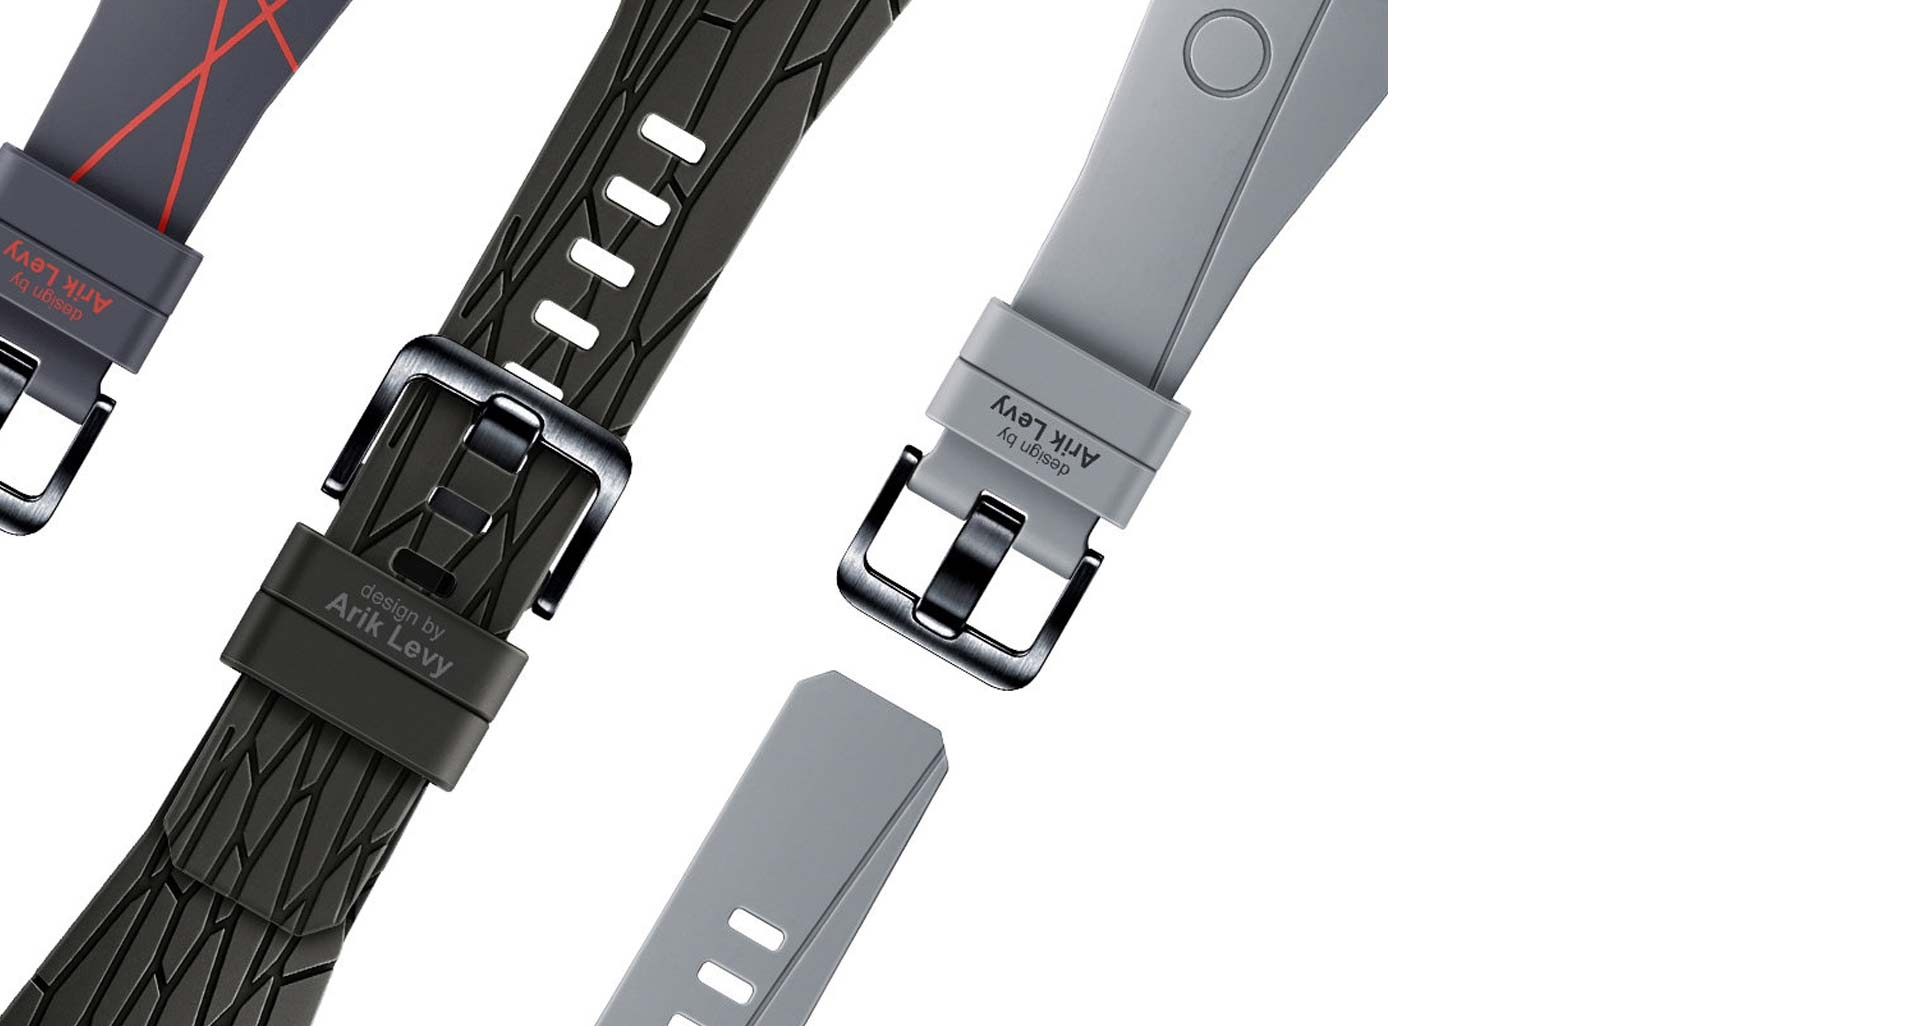 بند ساعت گیر اس 3 طراحی شده توسط آریک لوی